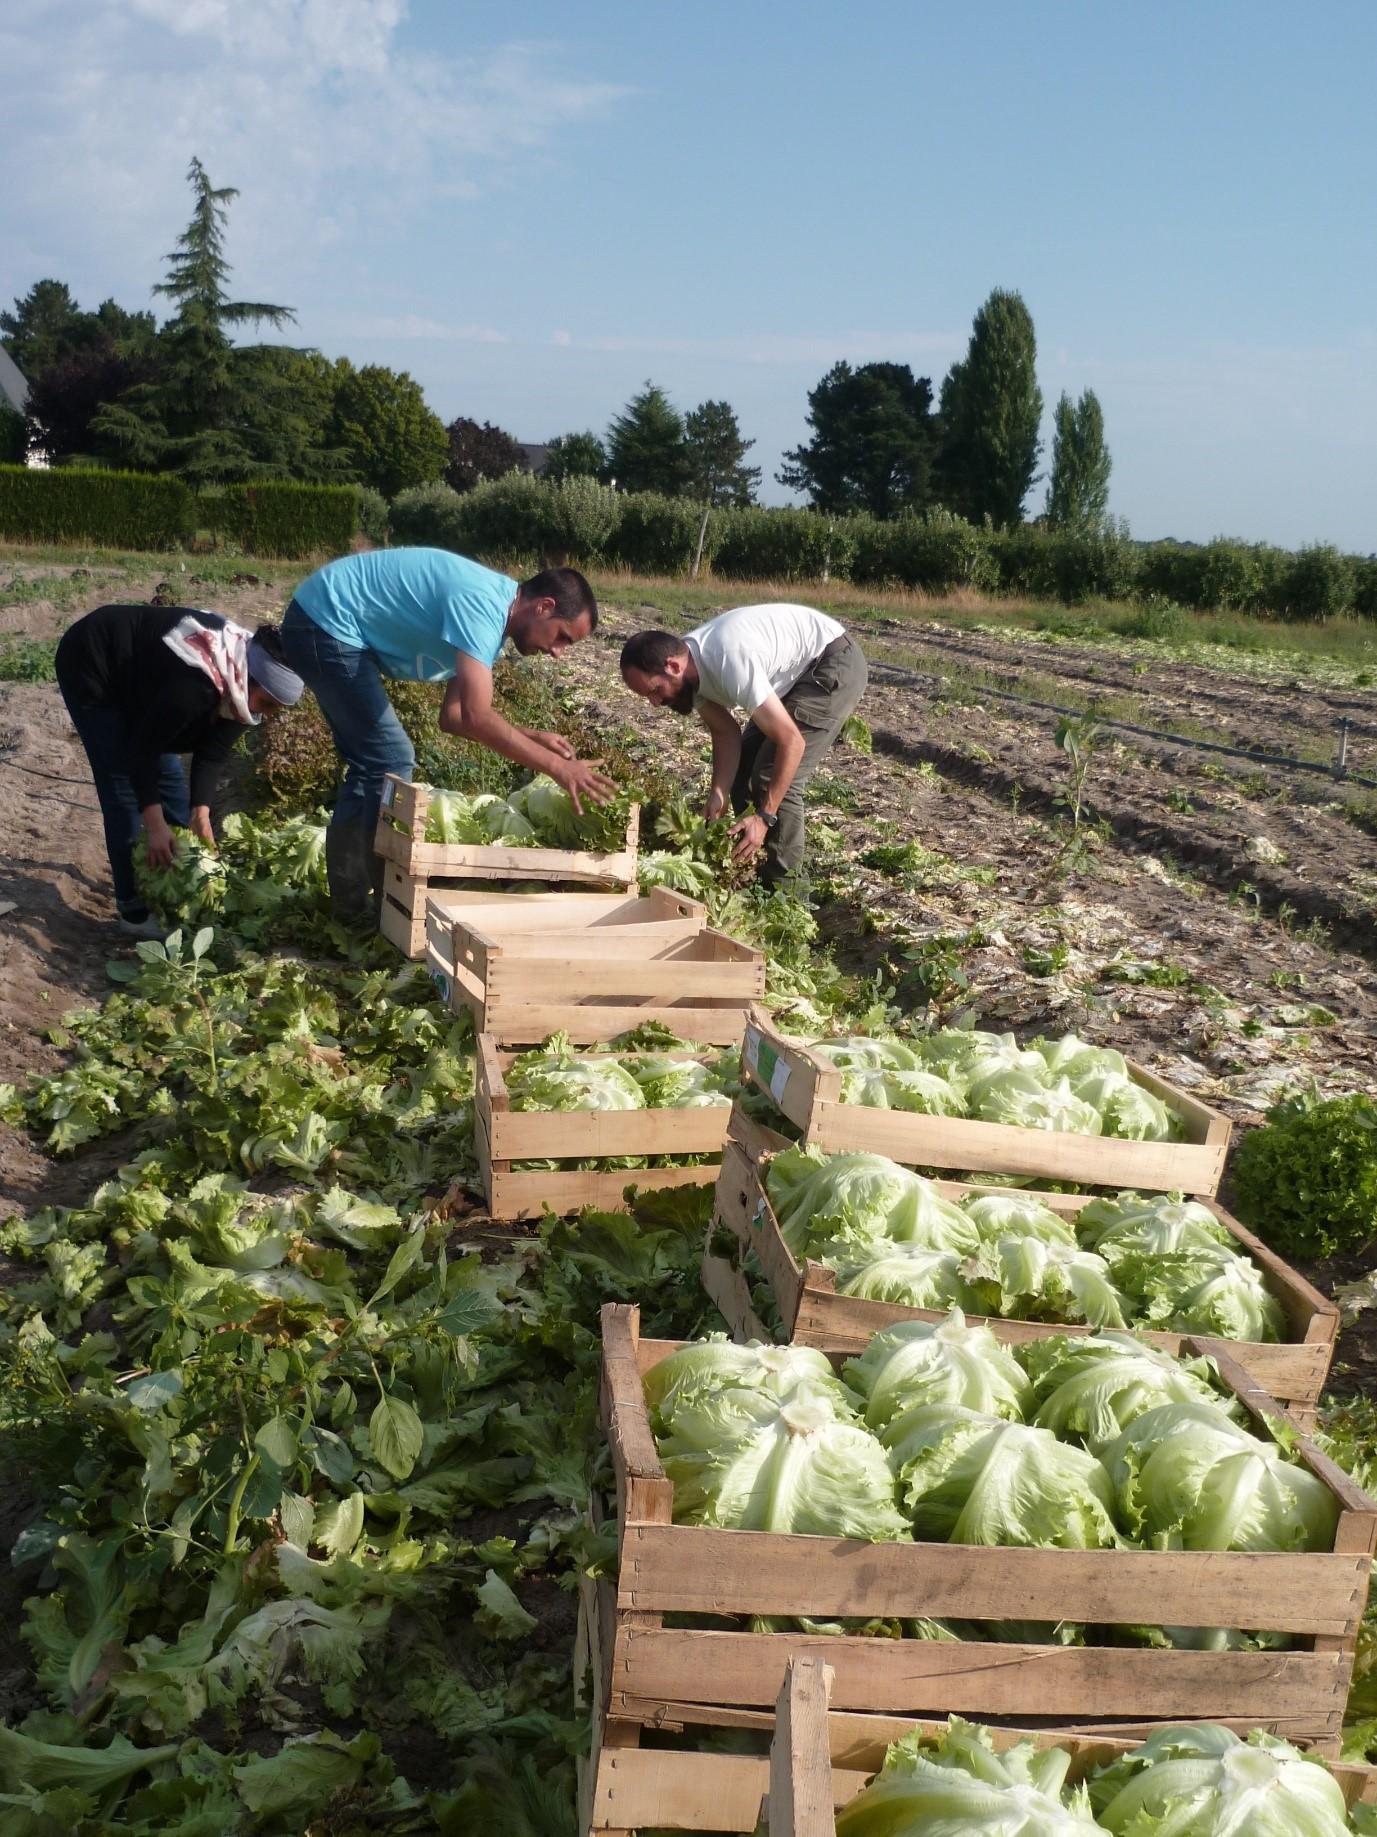 L'association SOLAAL Pays de la Loire est membre du réseau national SOLAAL : SOLidarité des producteurs Agricoles et des filières Alimentaires. Ce réseau est né du constat que d'un côté les agriculteurs avaient parfois des invendus qu'ils ne parvenaient pas à valoriser et que de l'autre, les associations d'aide alimentaire manquaient de produits frais.